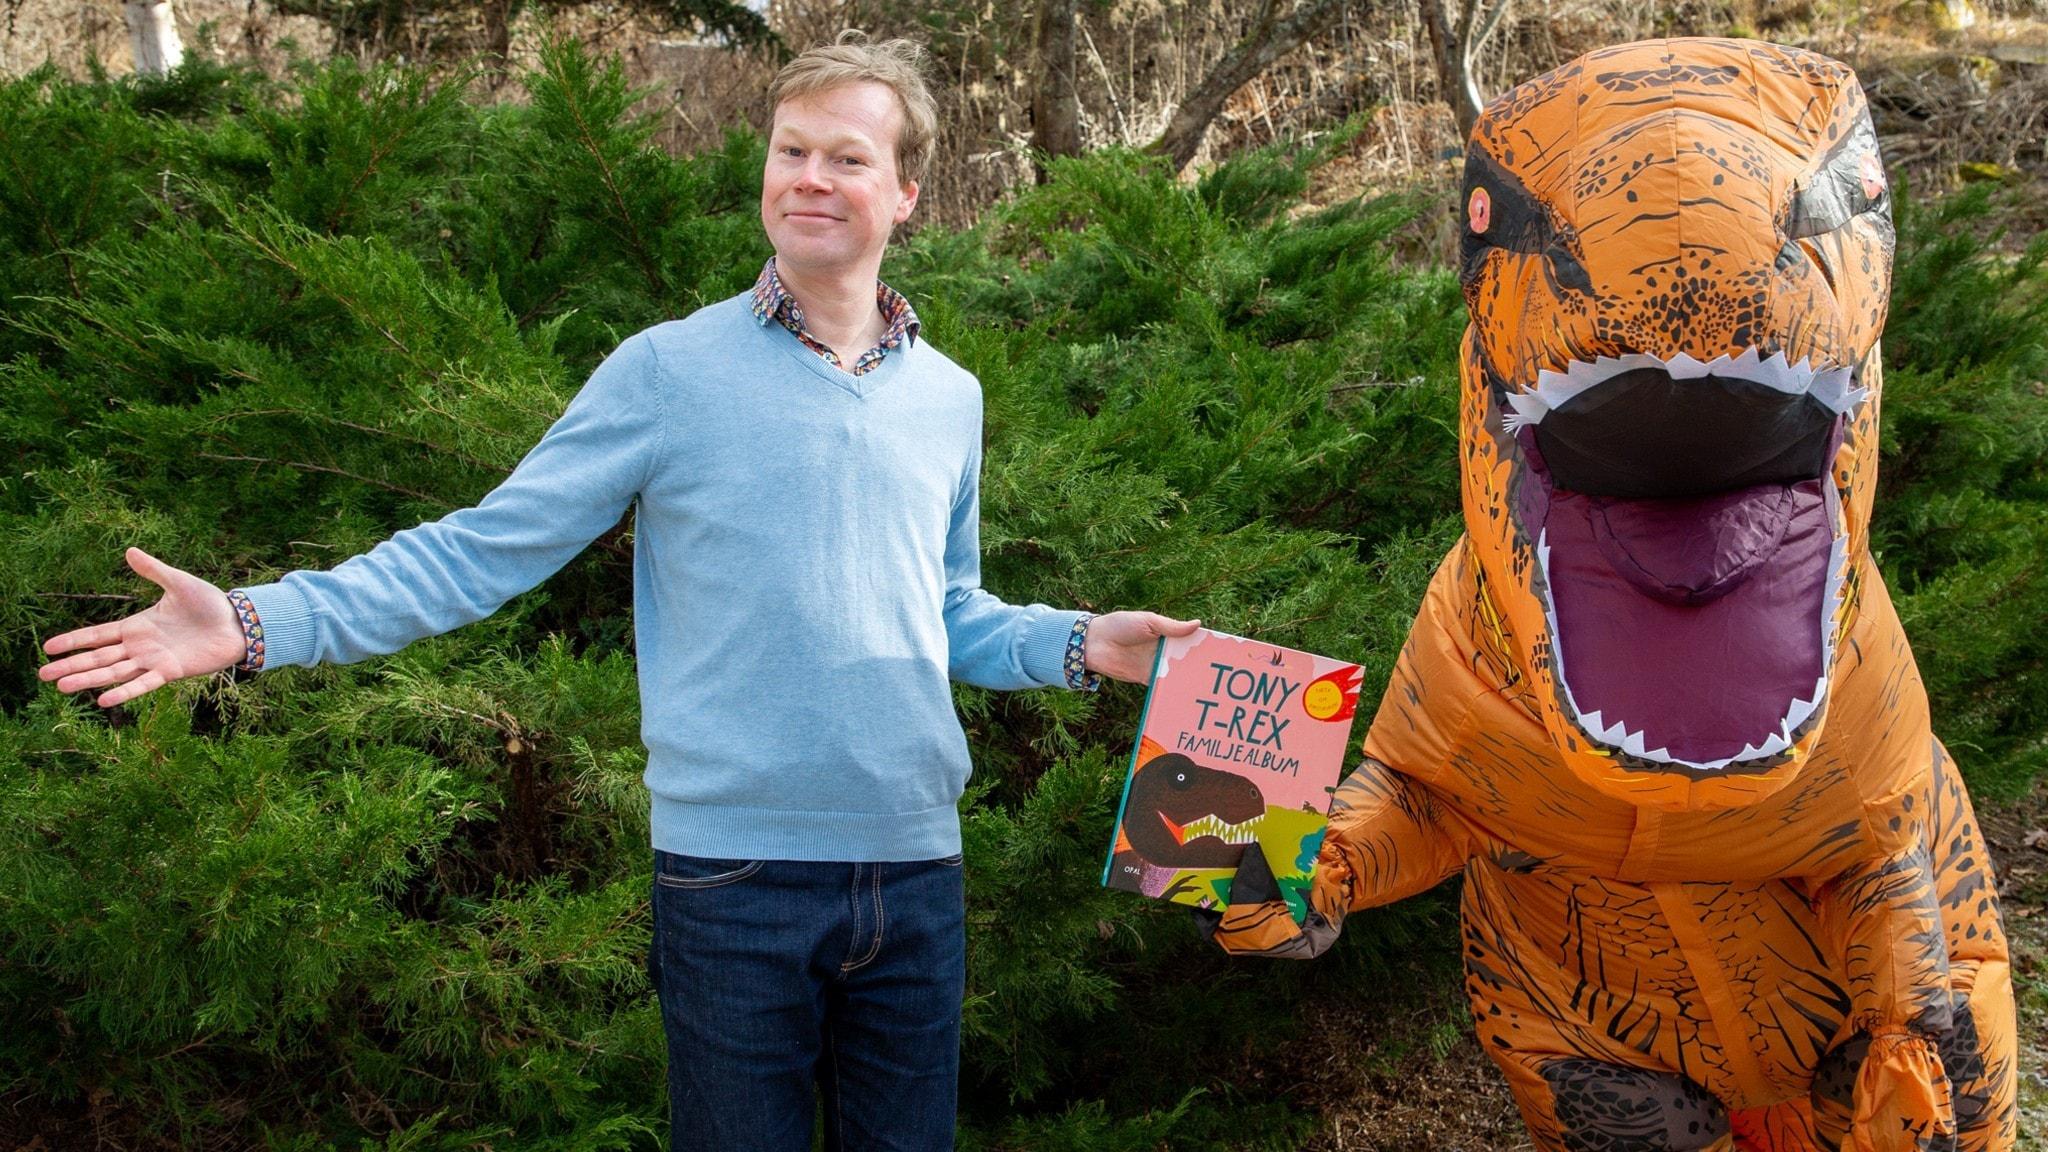 Johan Glans och en Tyrannosaurus Rex håller i boken Tony T-Rex familjealbum. Foto: Martina Holmberg